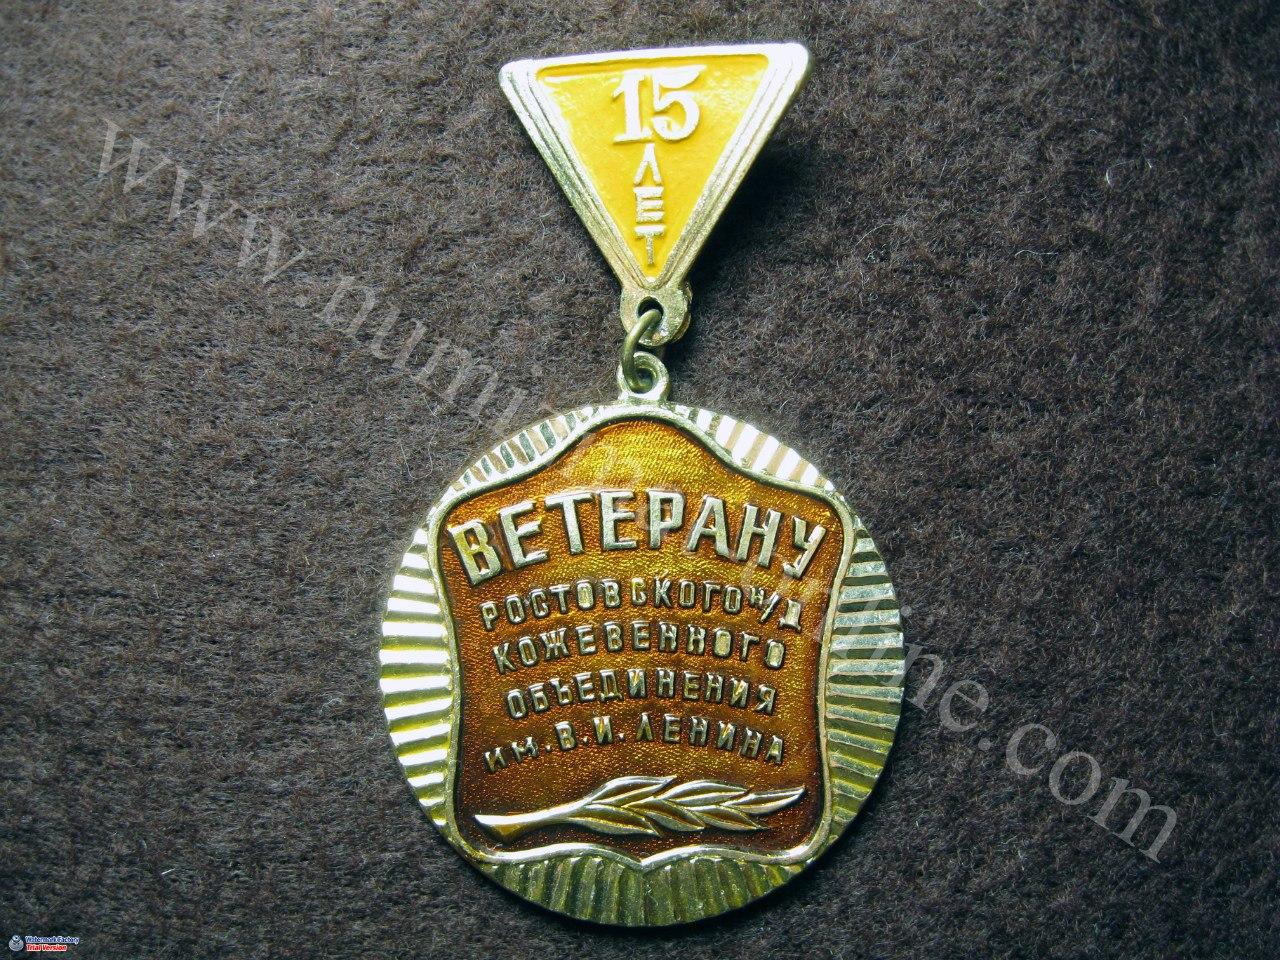 15 лет - знак. Ветерану Ростовского Кожобъединения